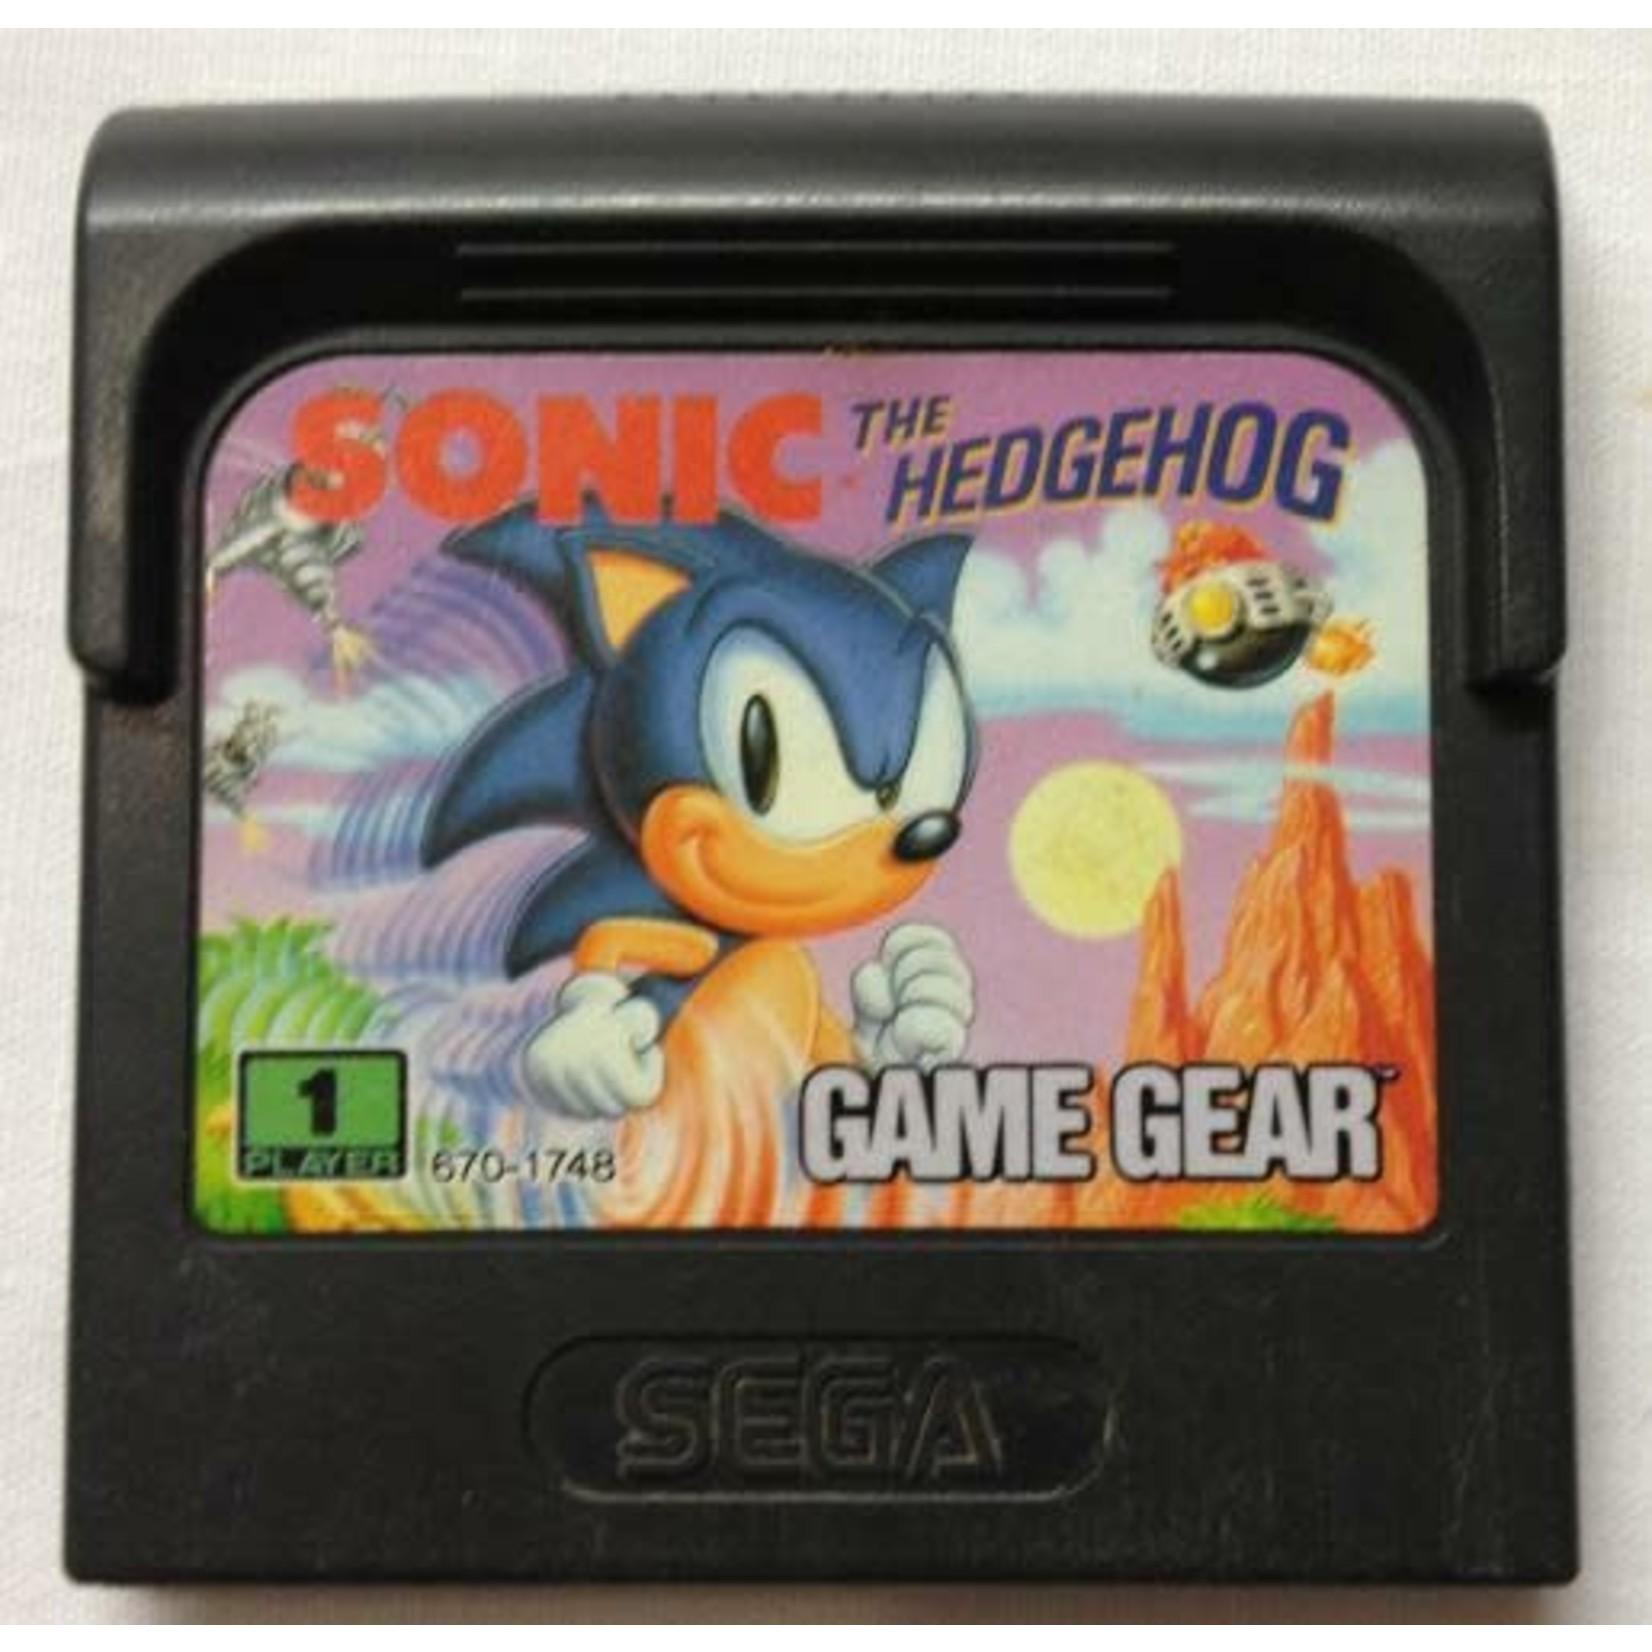 GGU-Sonic The Hedgehog (CARTRIDGE)